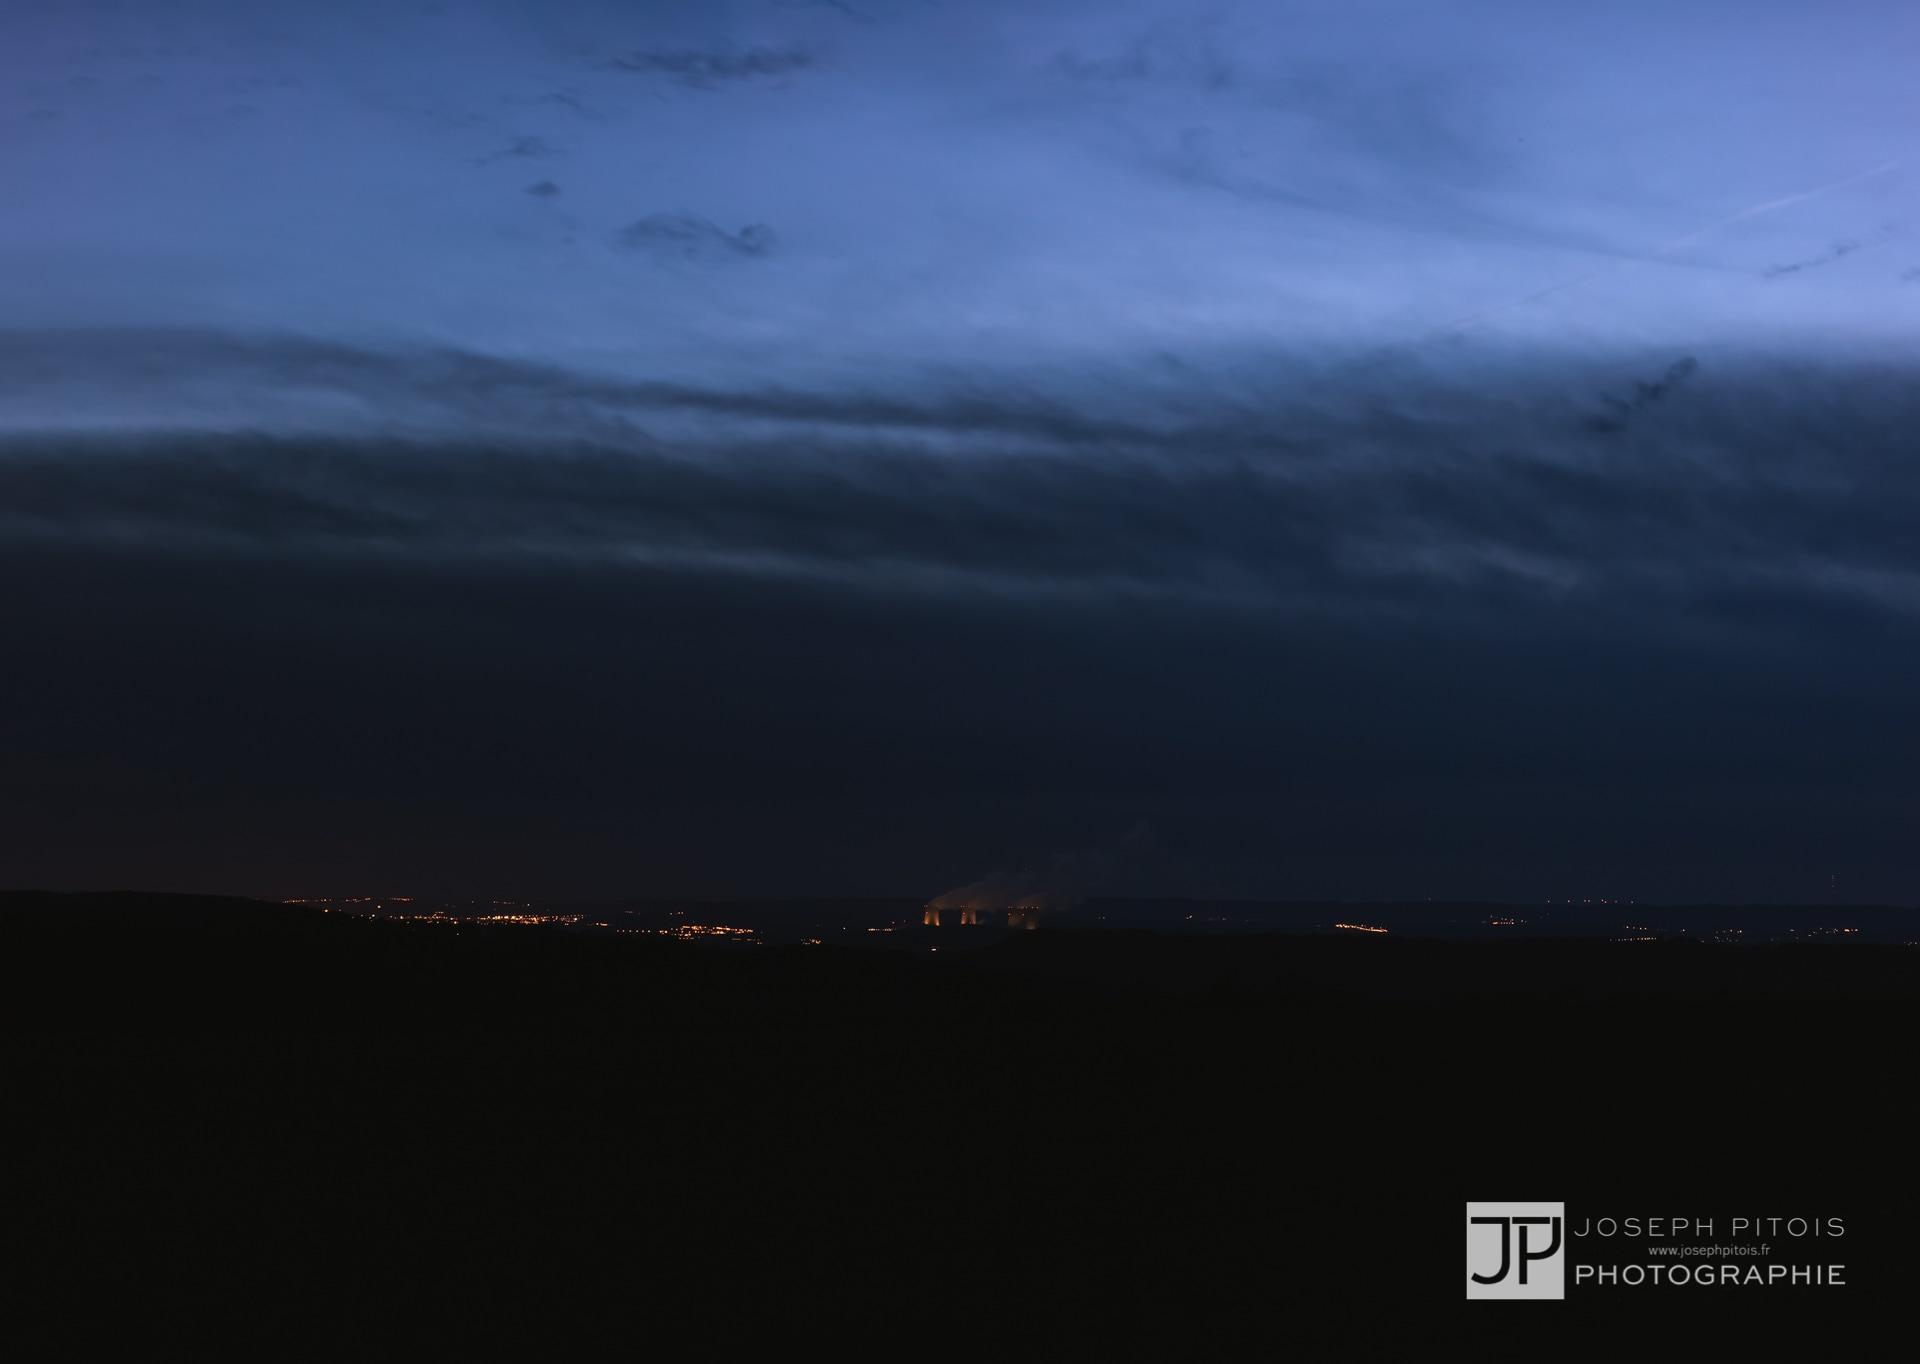 coucher-de-soleil-hiver-auf-der-schaeferei-200215-0495